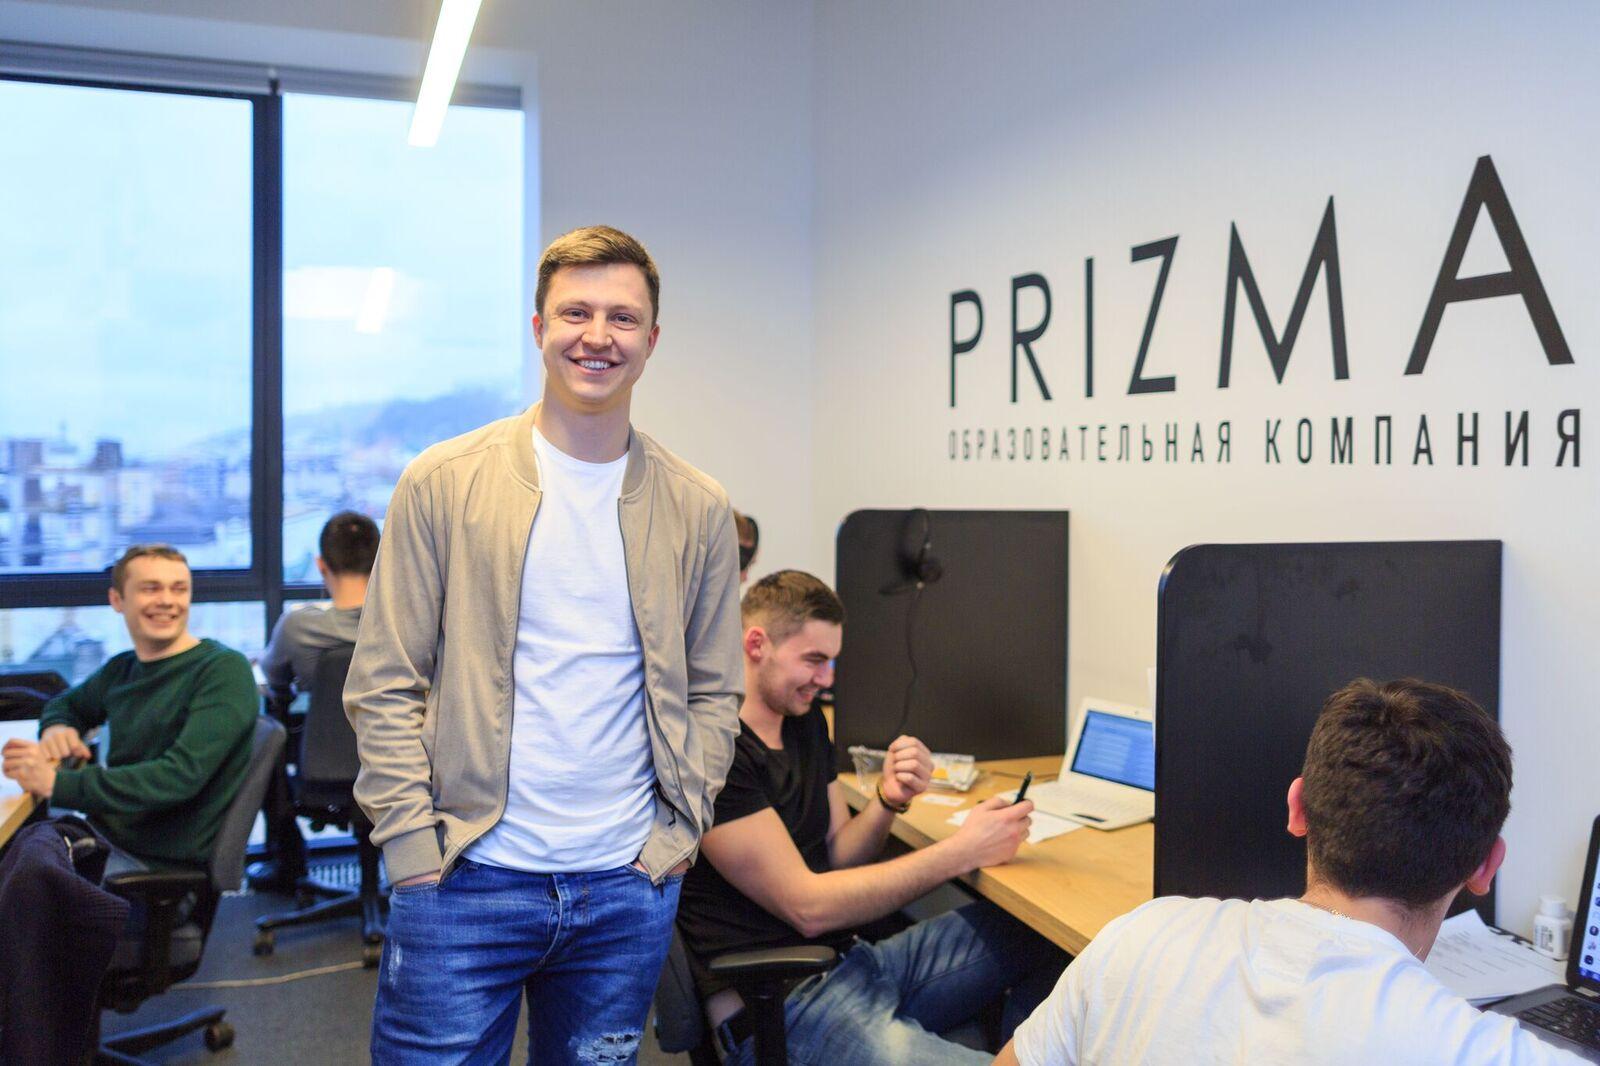 Над проектами PRIZMA под руководством Артема Майдана работает команда из 15 человек